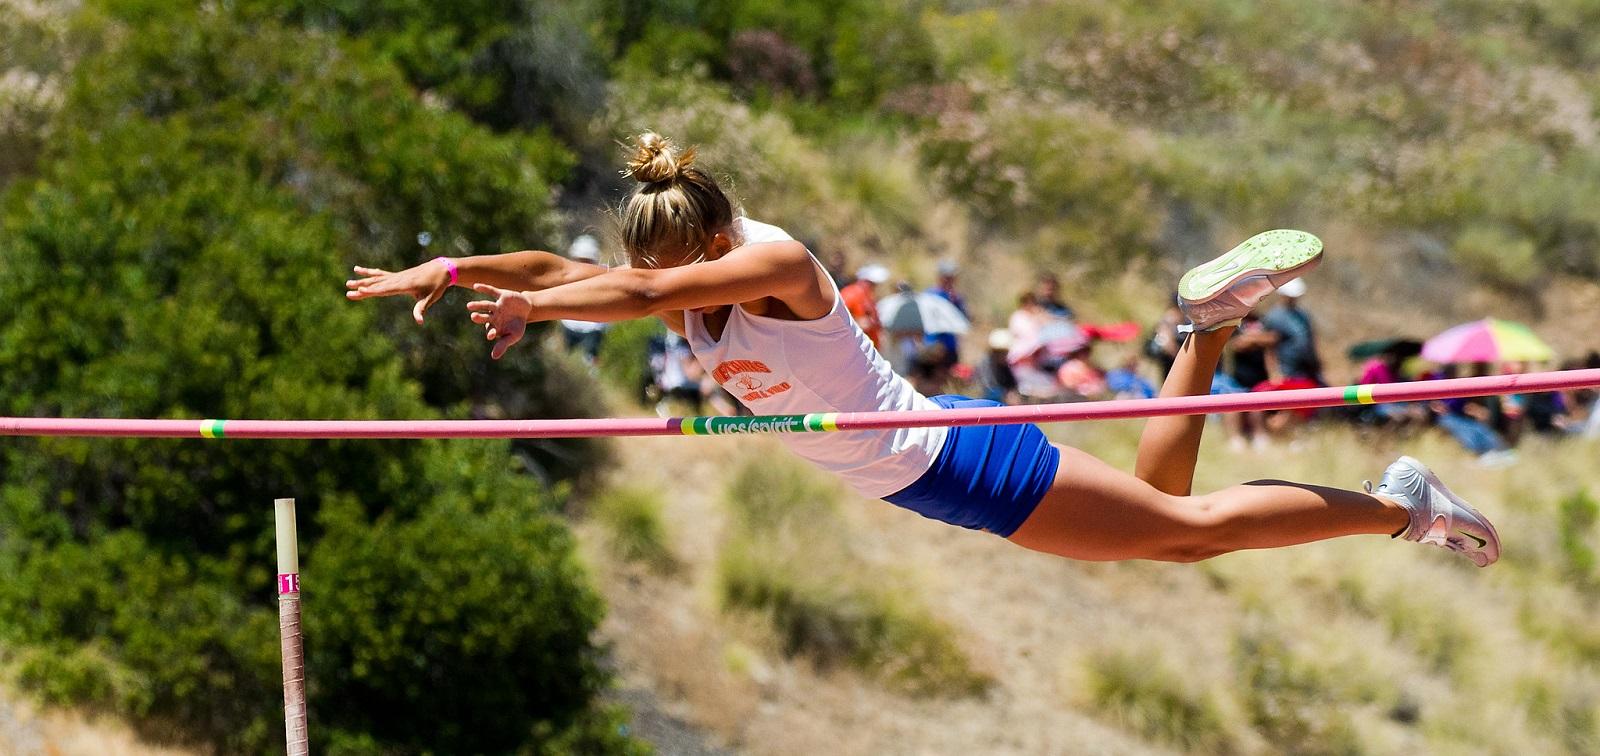 evolução da vara no salto com vara